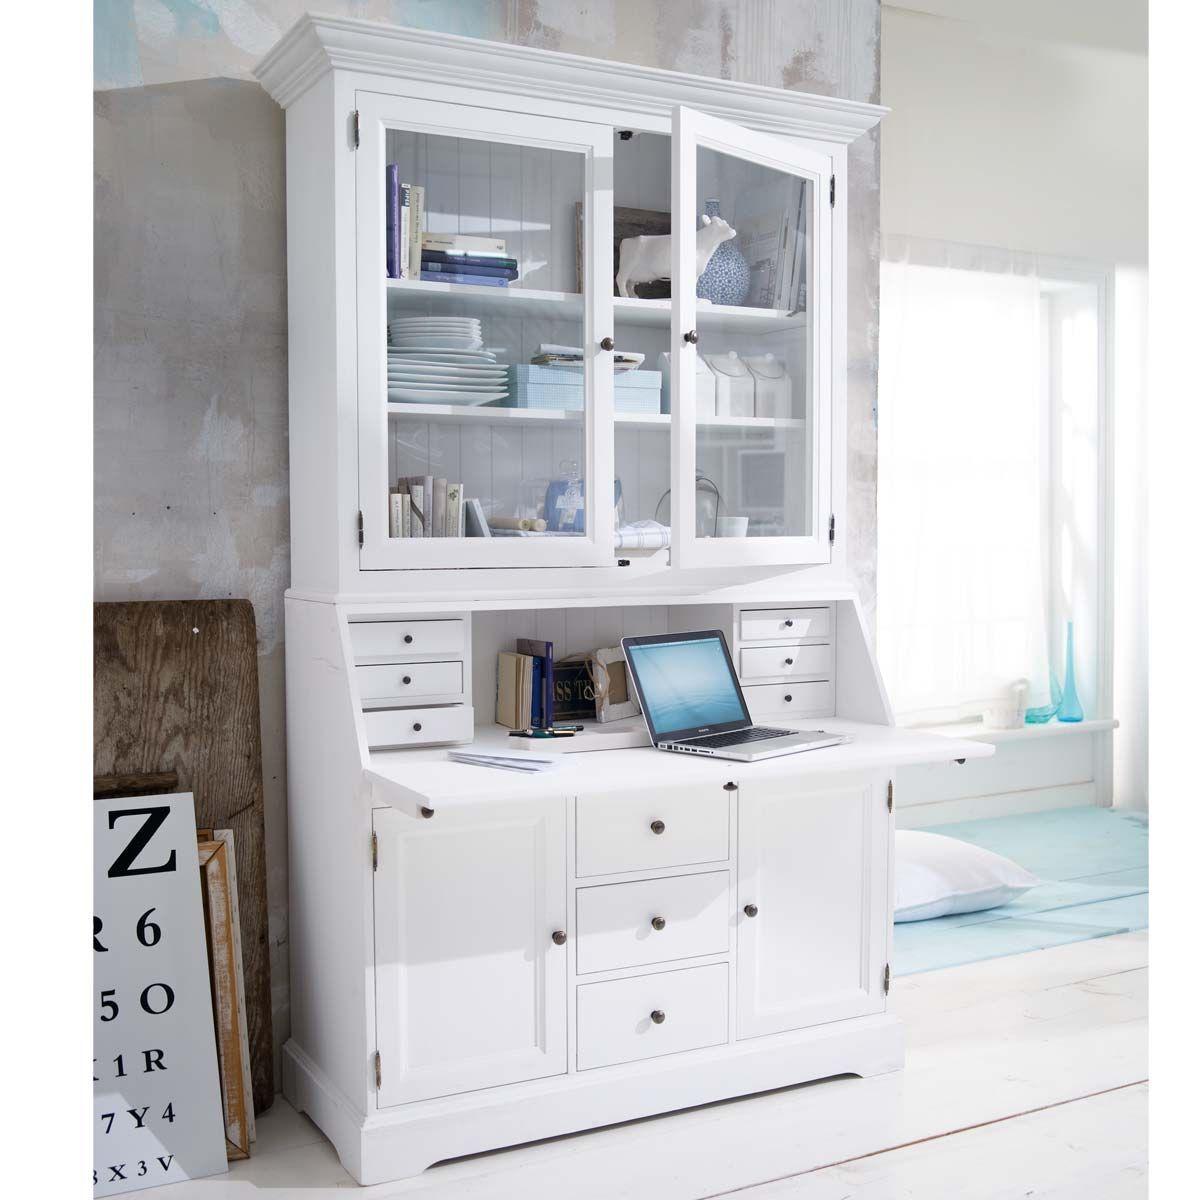 Schrank | möbel | Pinterest | Sekretärin, Schränkchen und Schreibtische